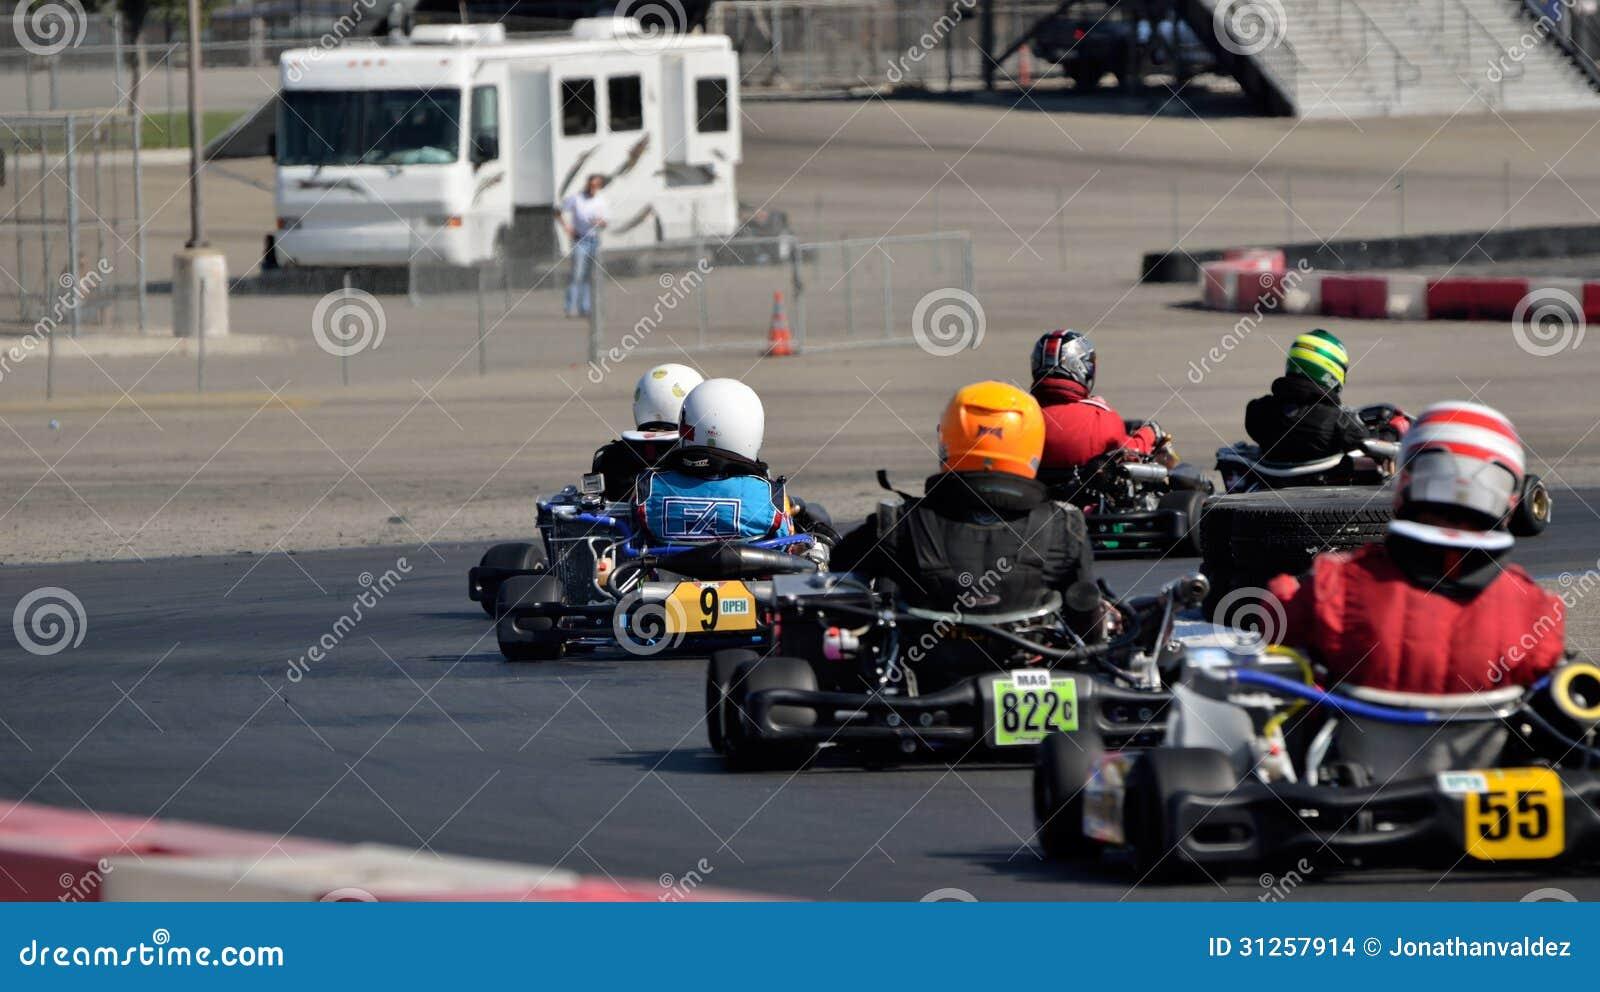 Kart Racing Group